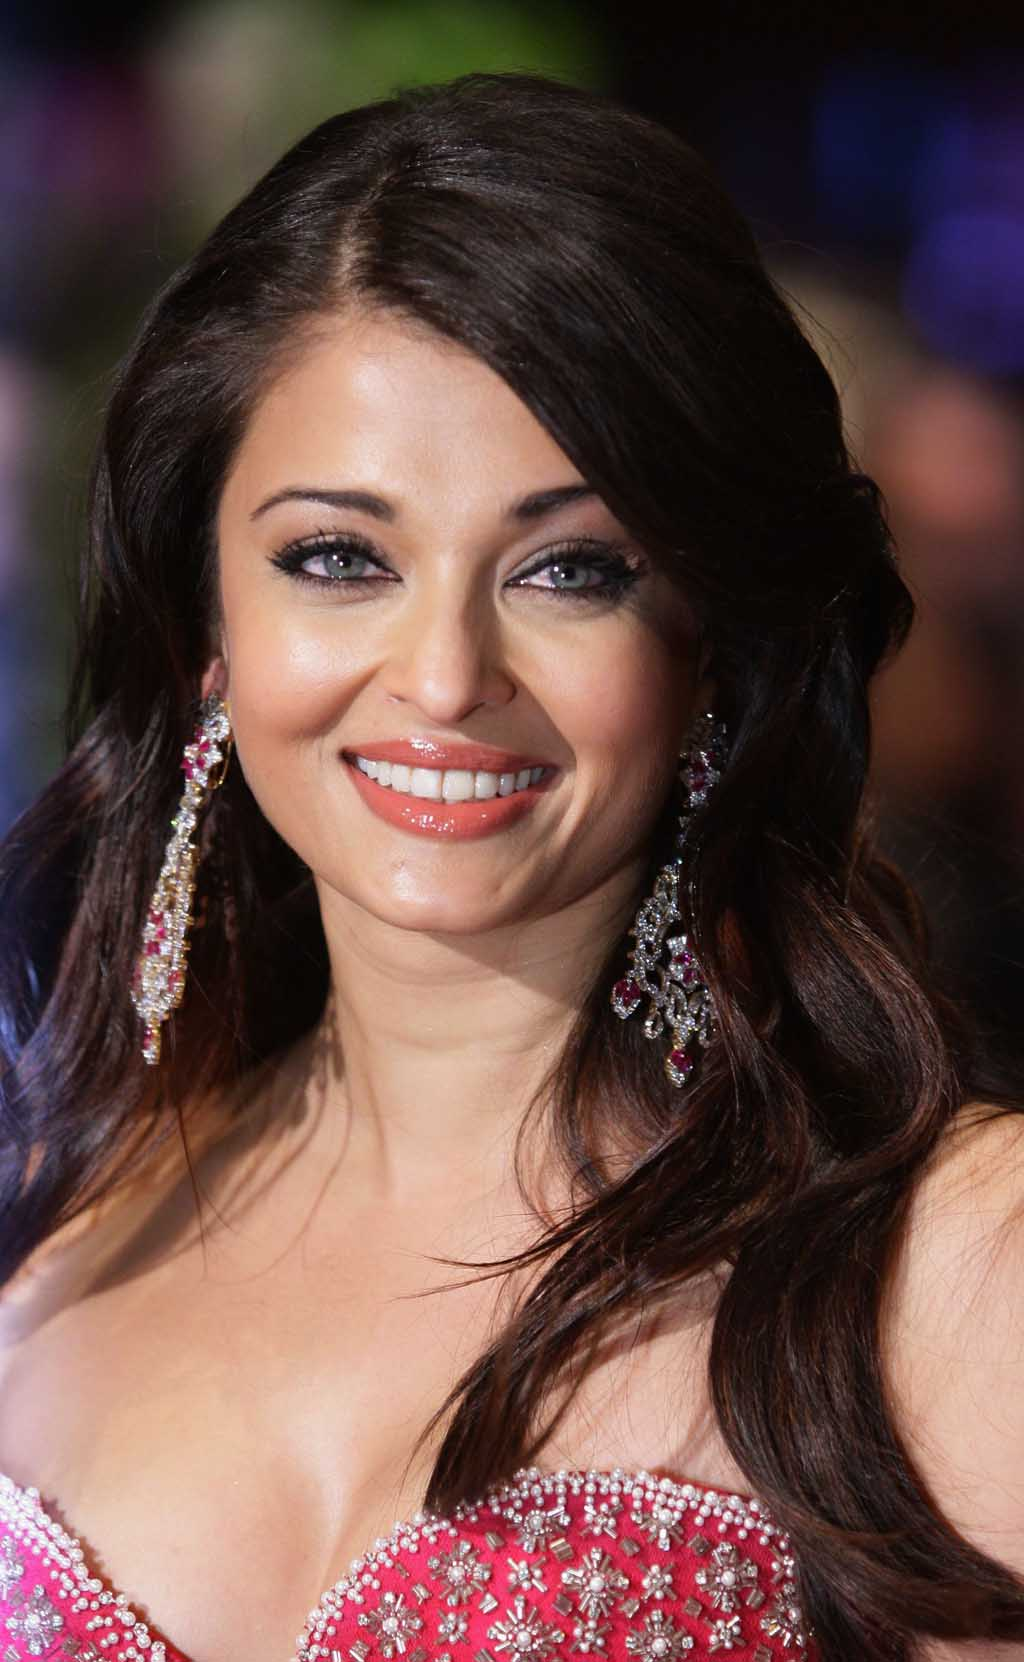 بالصور صور ملكة جمال الهند , صور تجنن لملكه جمال الهند 3976 4